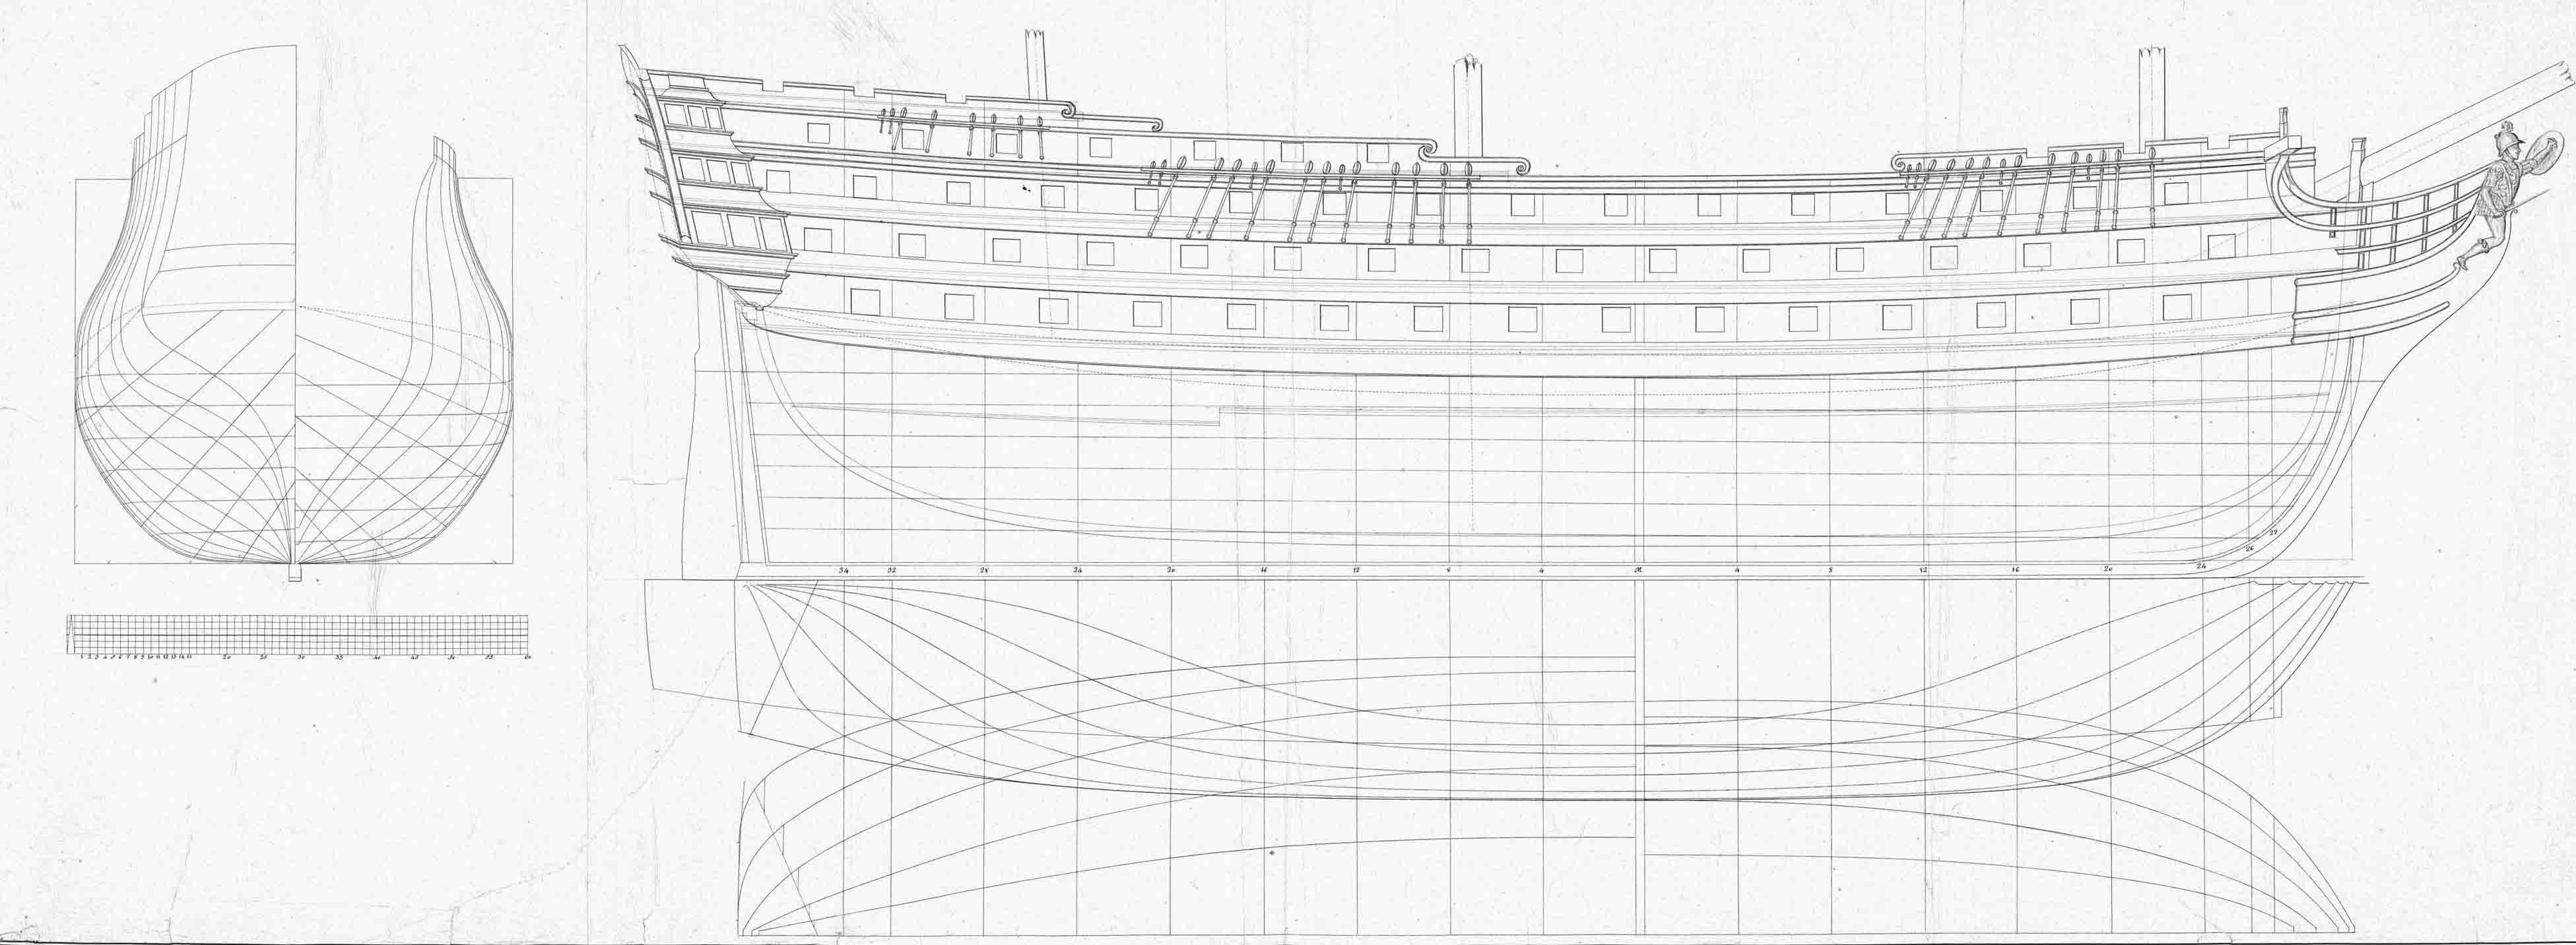 El navio de tres puentes en la Armada 001